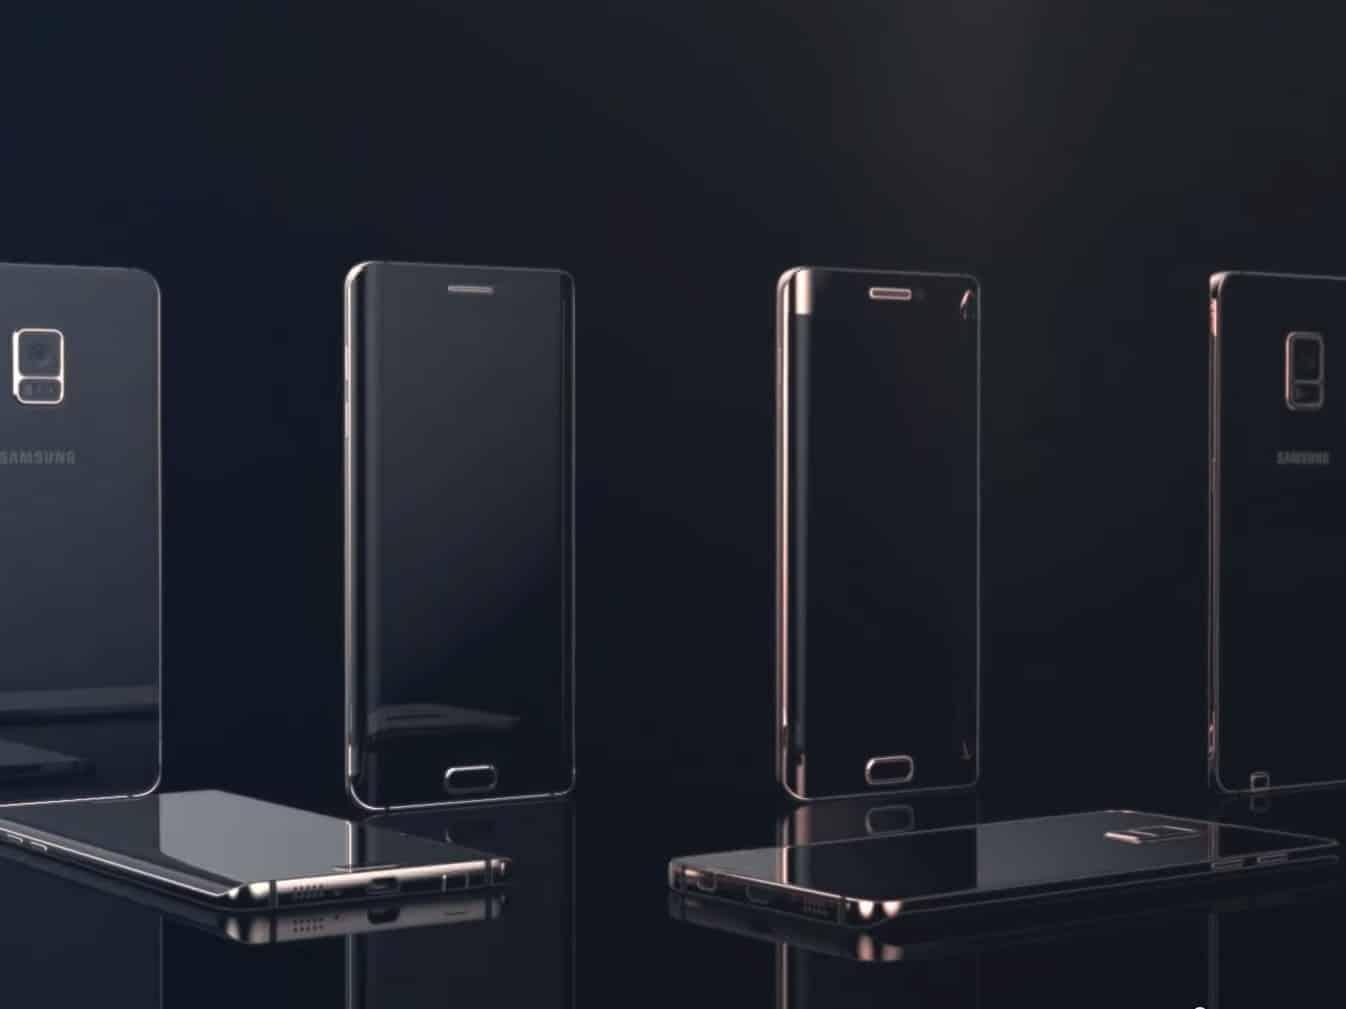 Samsung-Galaxy-Note-5-edge-renders-1